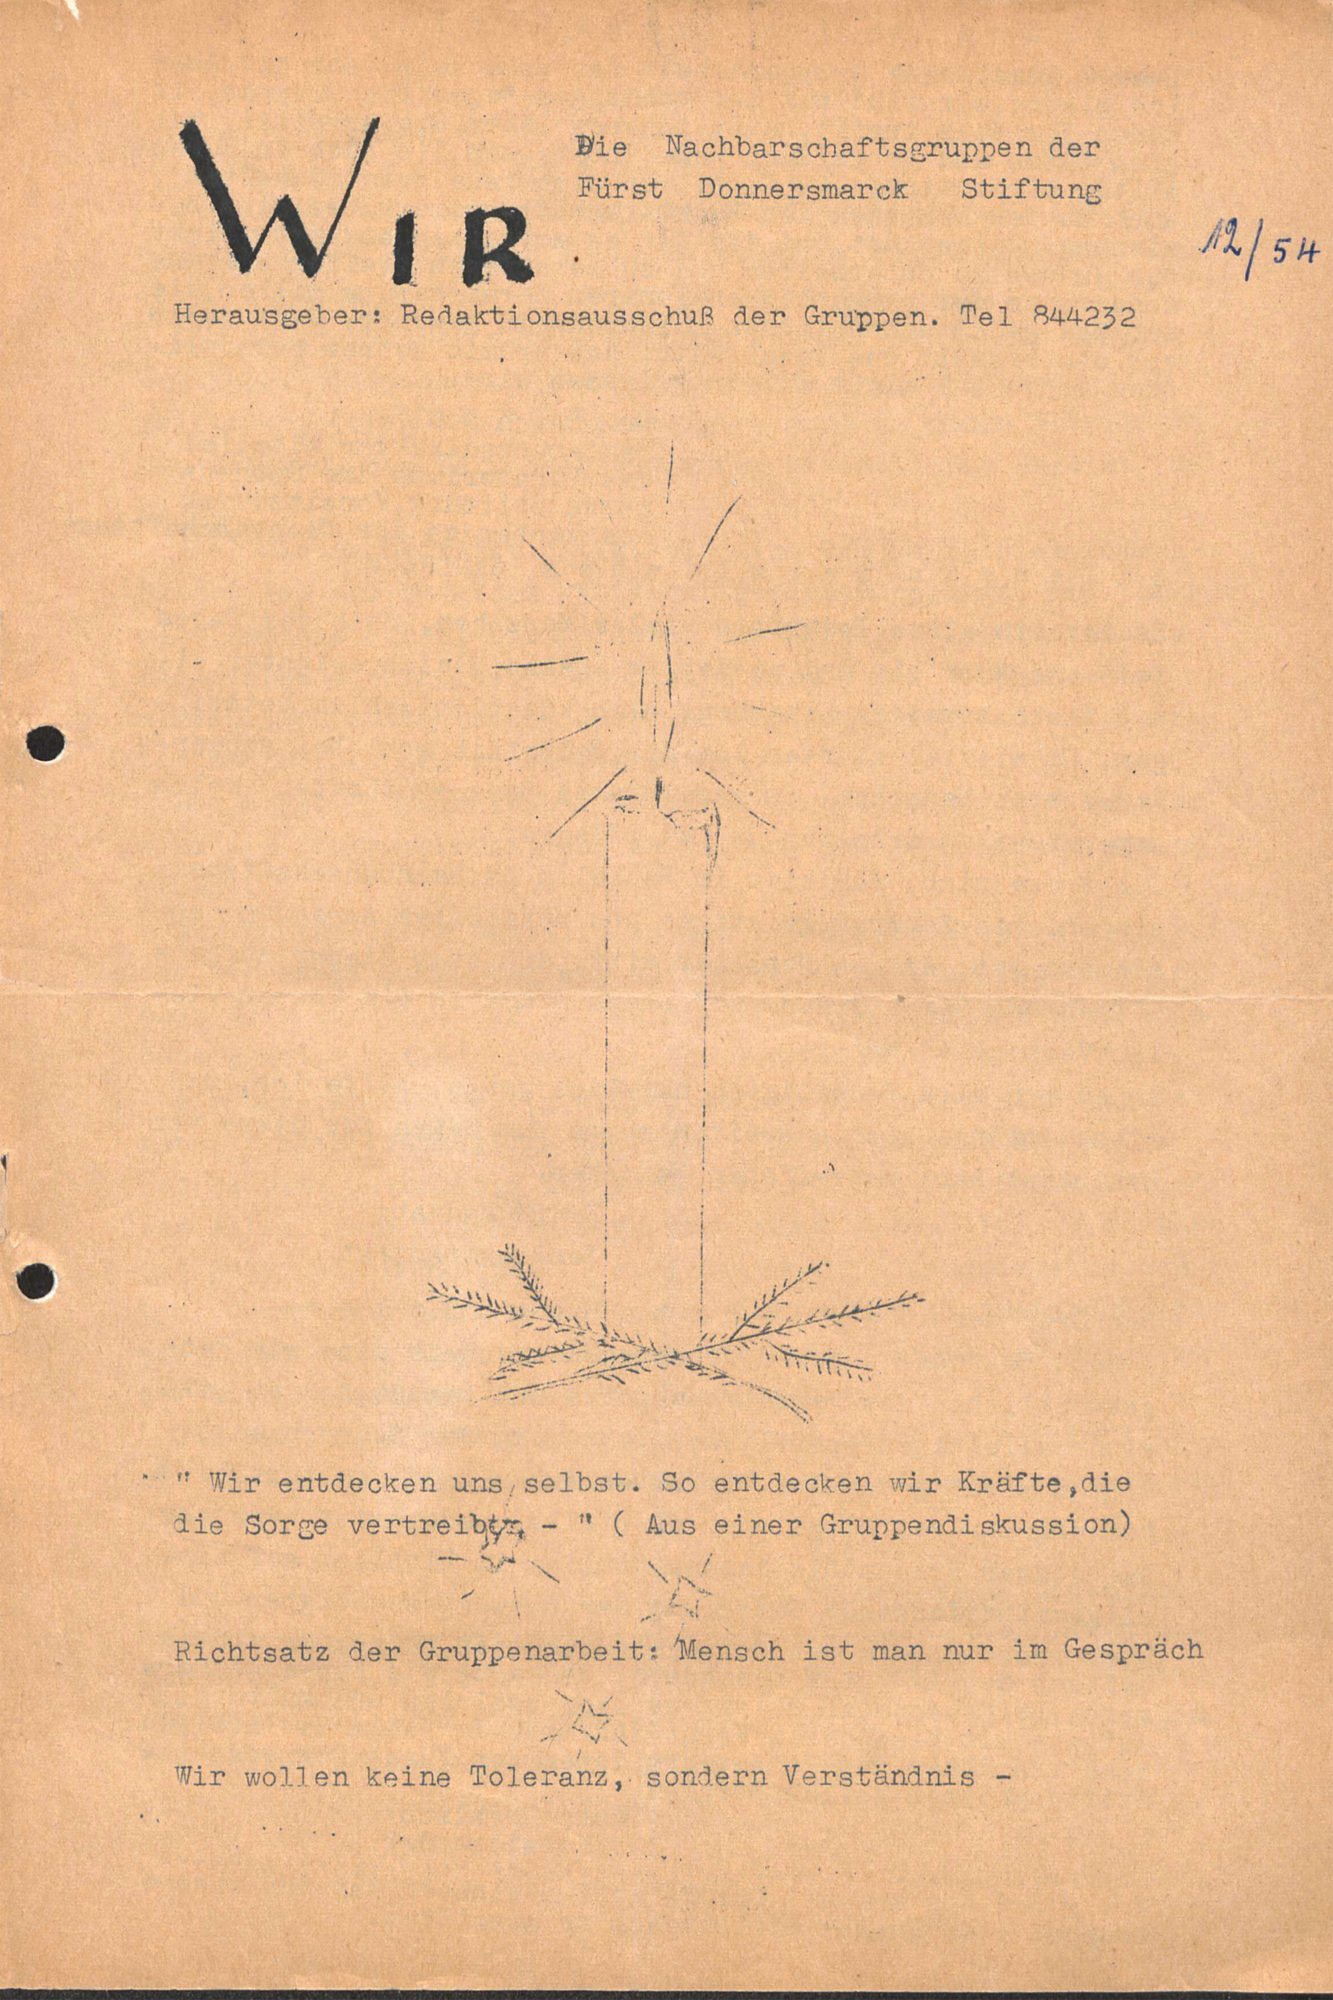 Das Titelbild der Erstausgabe des WIR-Magazins.